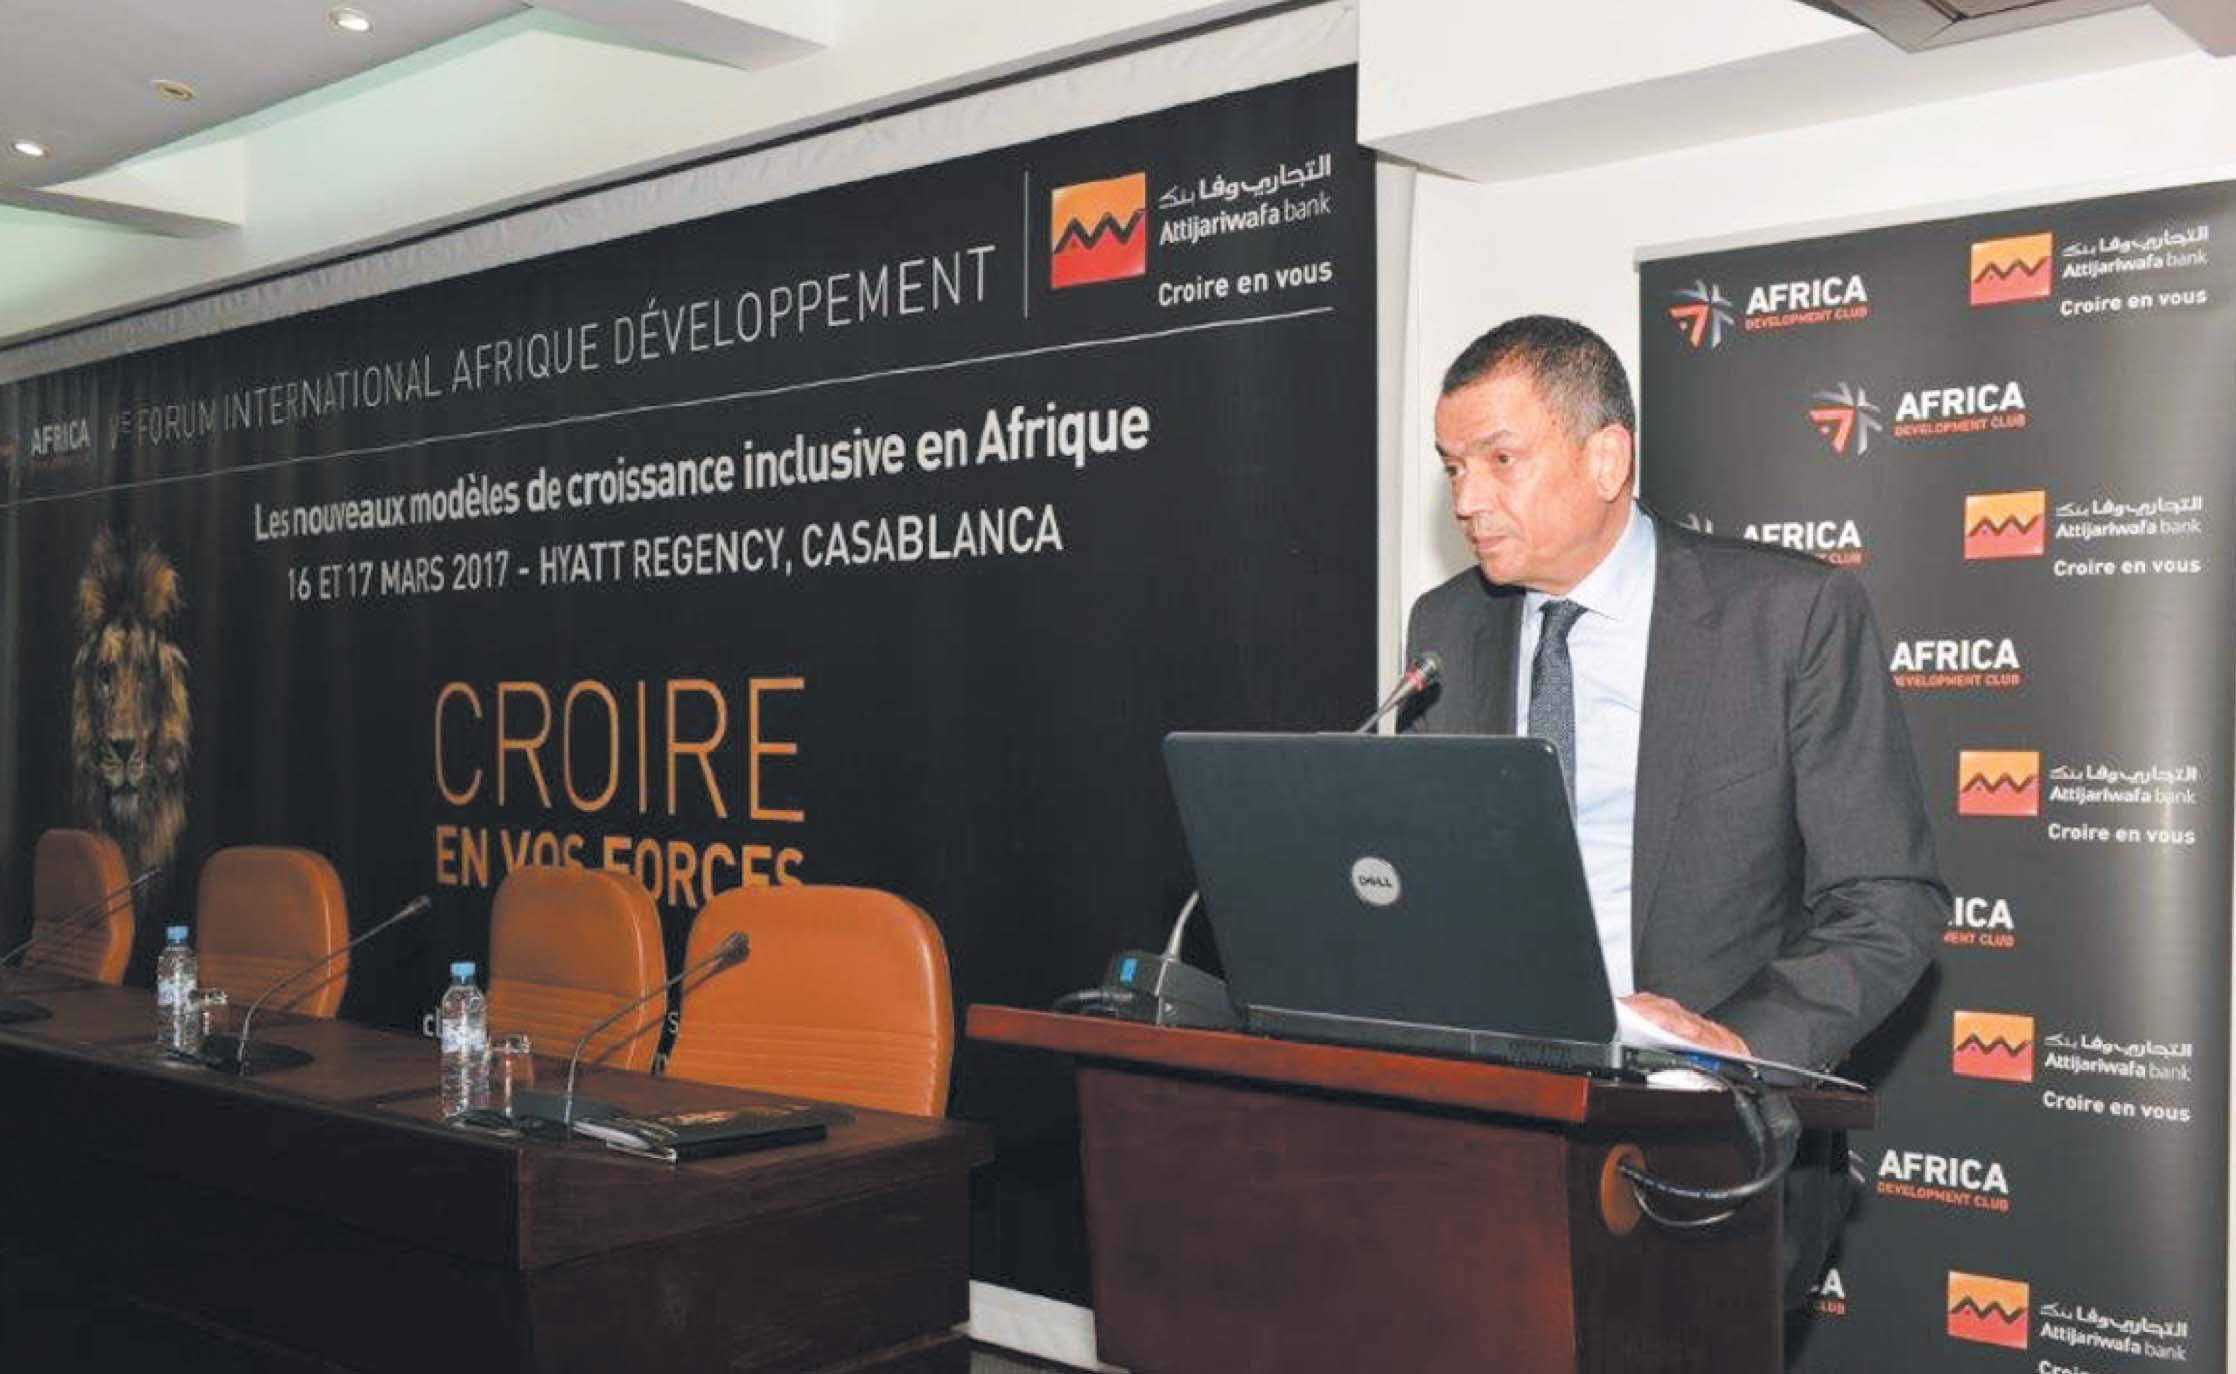 Les nouveaux modèles de croissance inclusive en Afrique